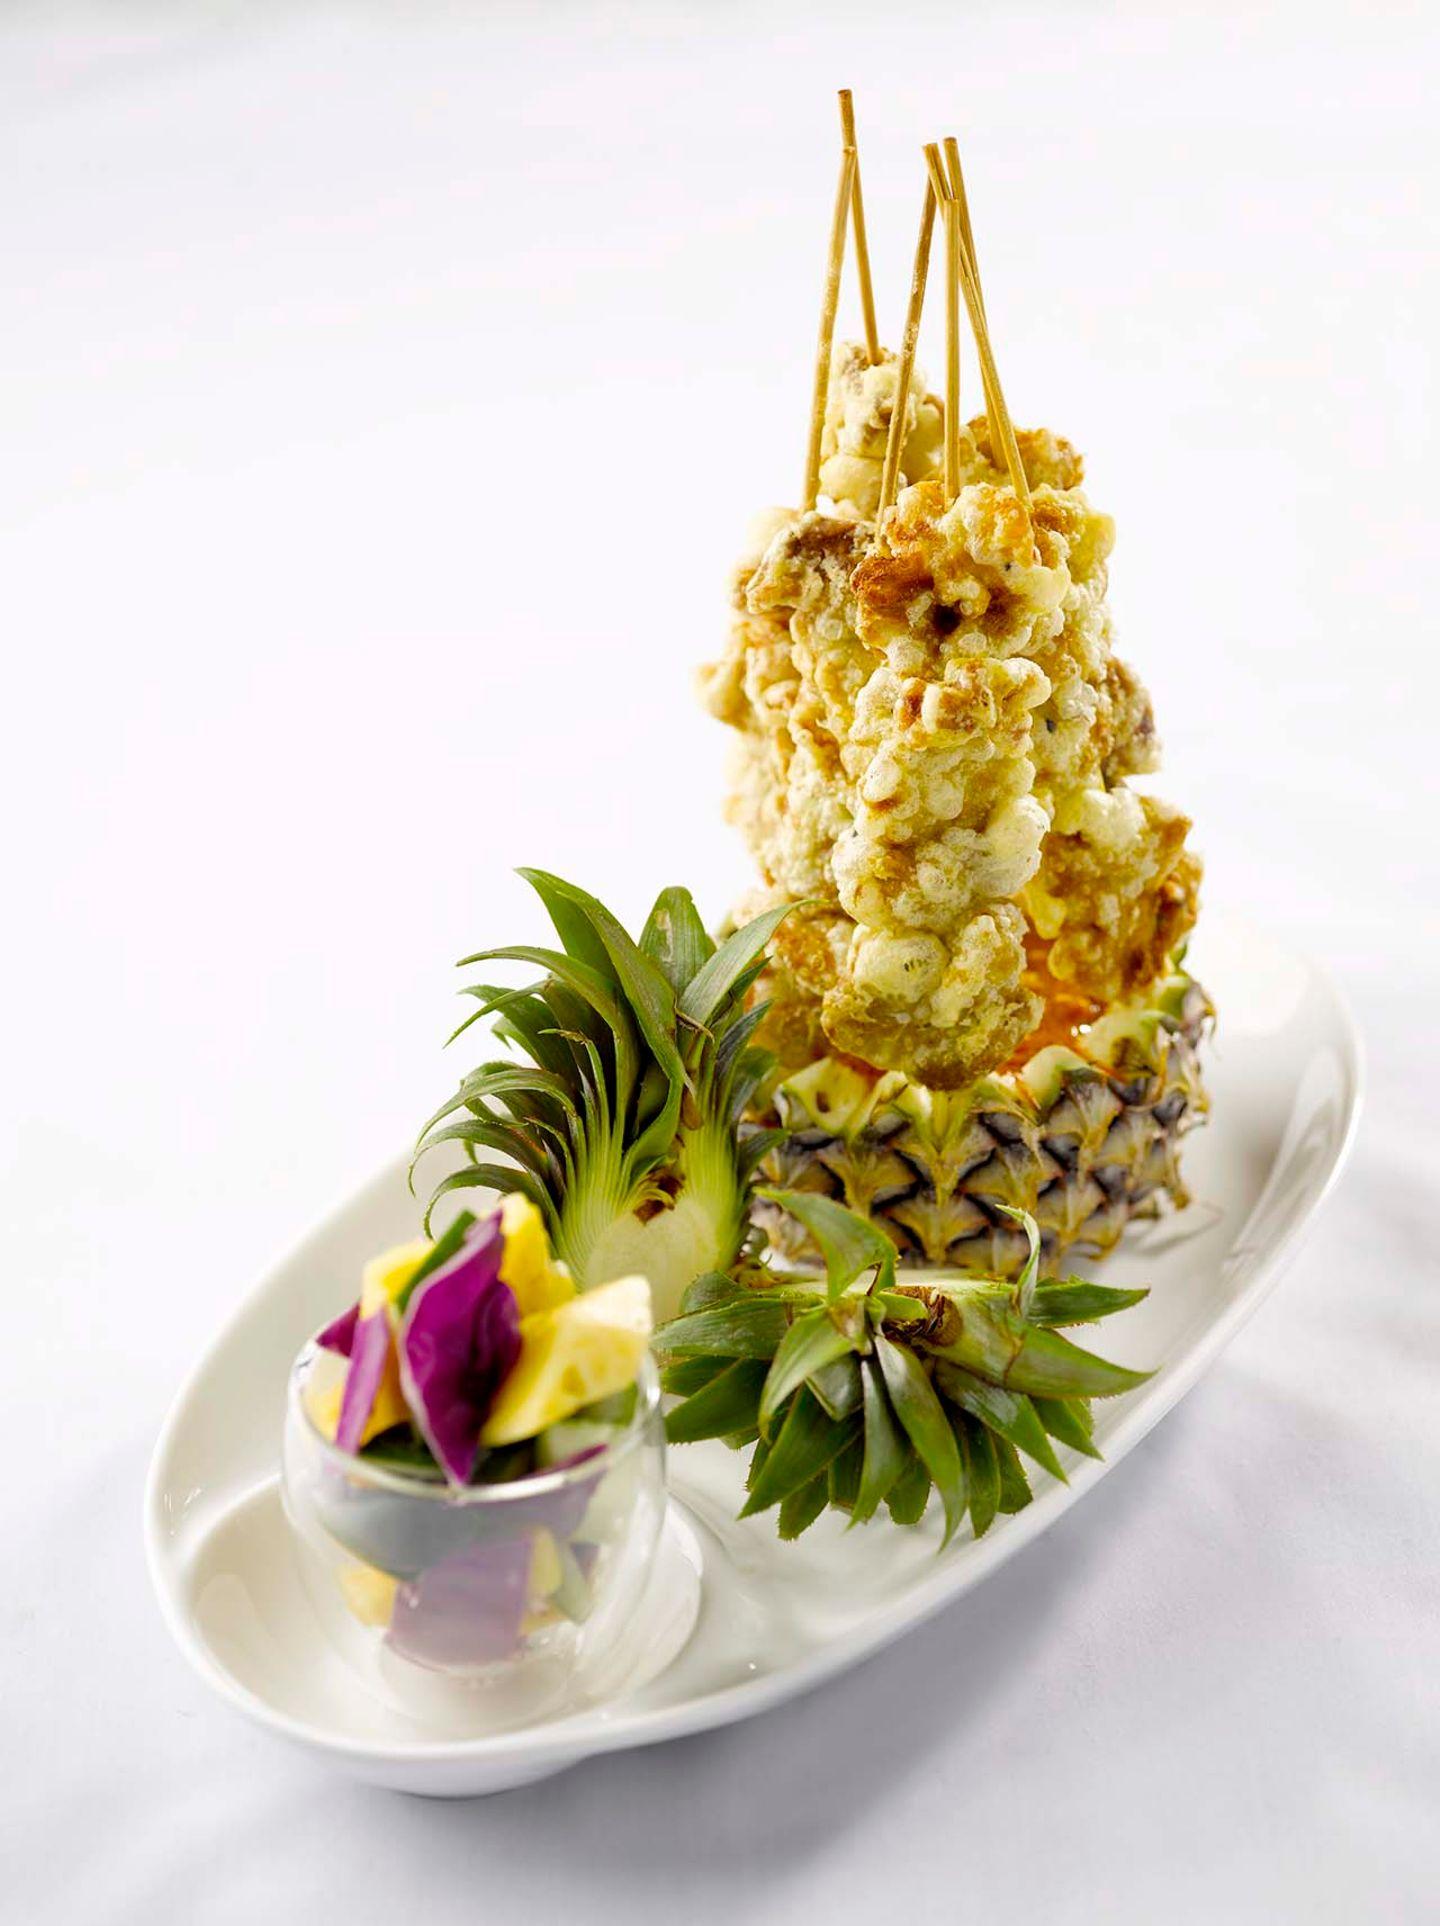 Wunderschöne Kreationen im LingZhi Vegetarian